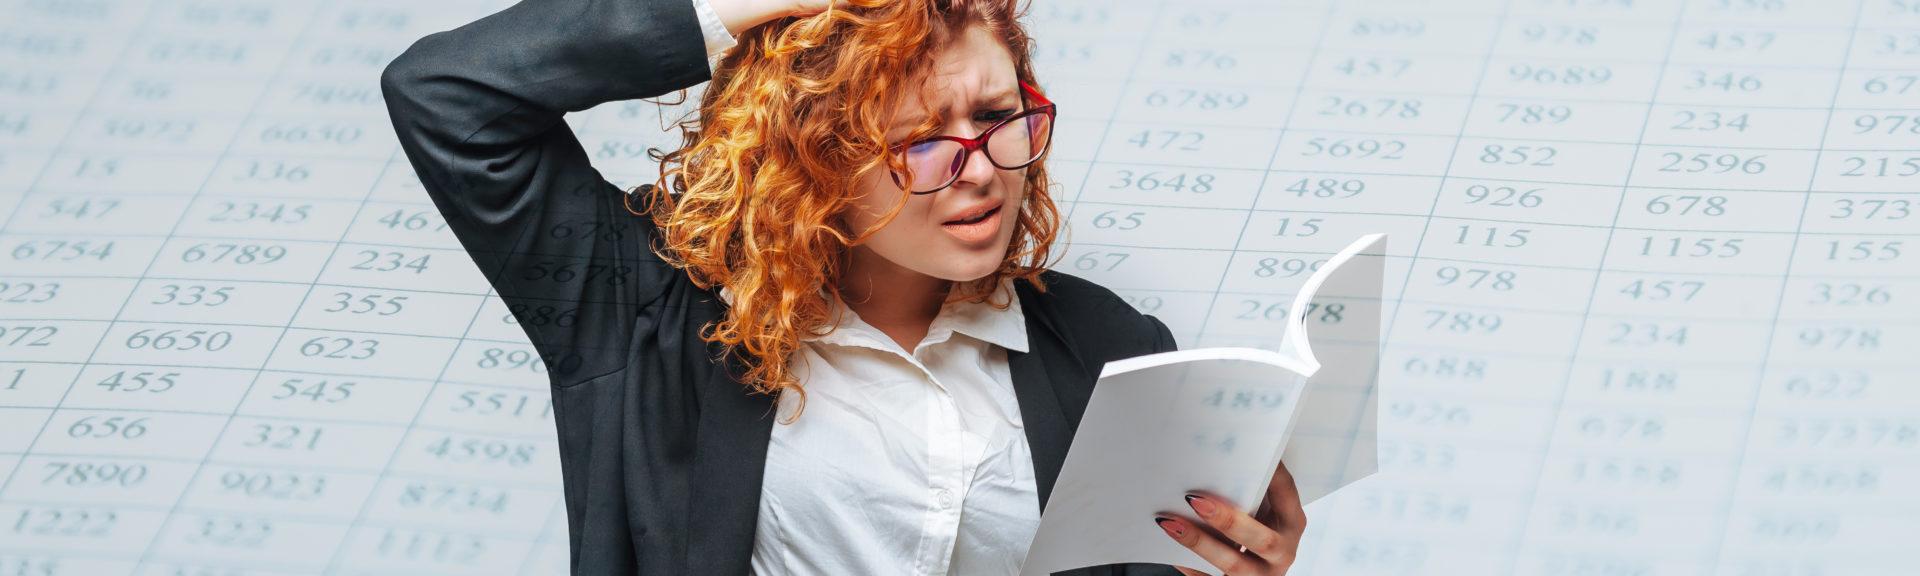 Eine Dame mit Brille hält ein Buch oder Skript und liest vertieft